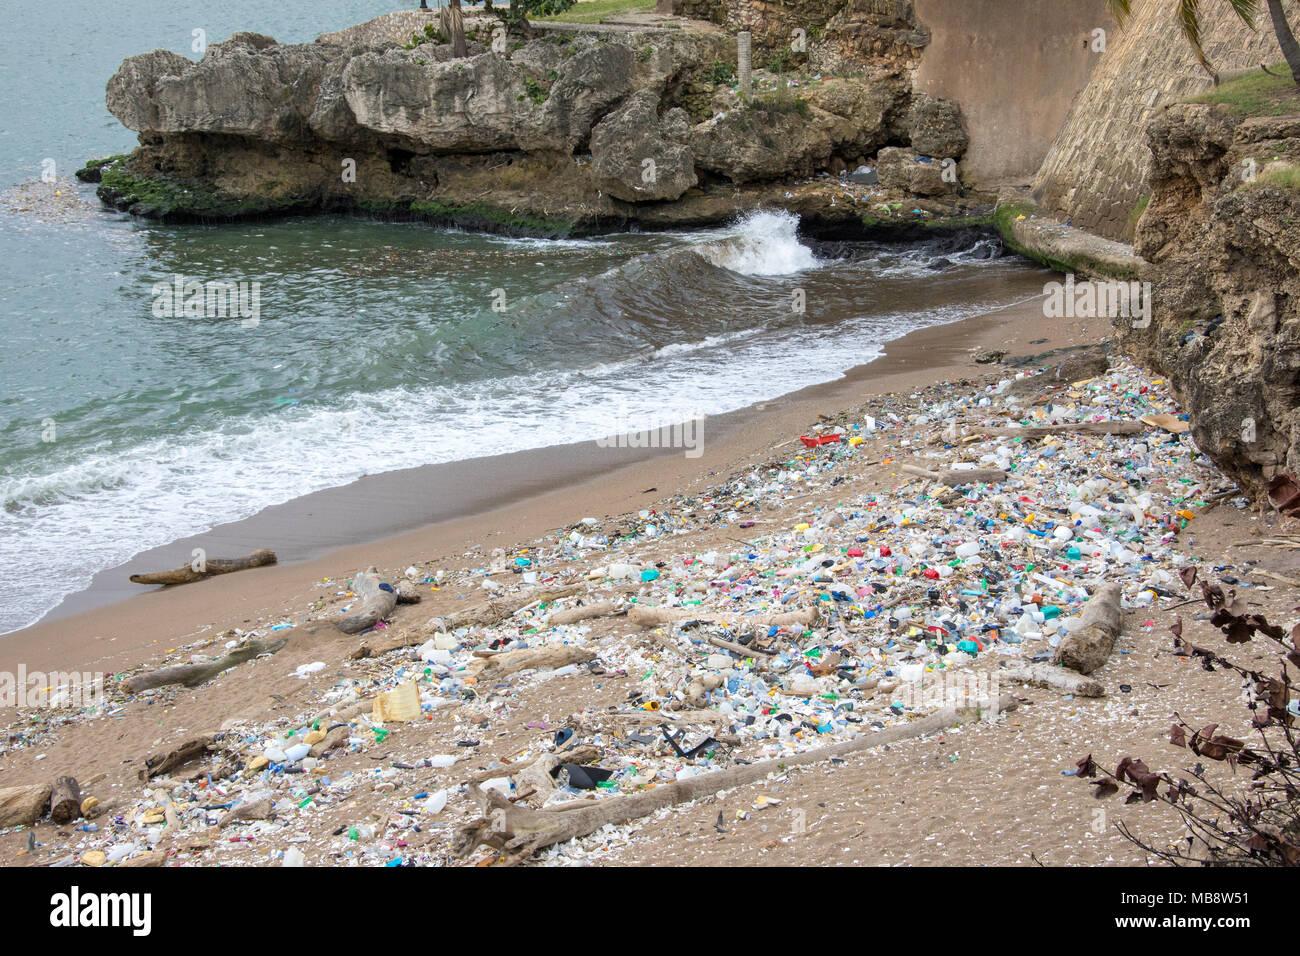 Pollution along the coastline, Santo Domingo, Domnican Republic Stock Photo